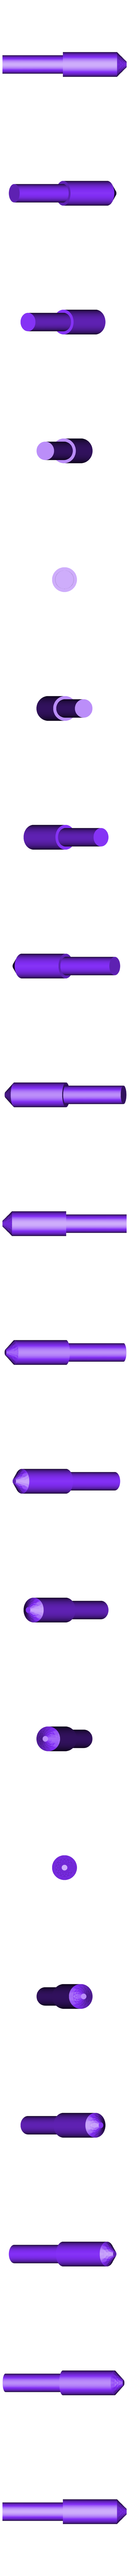 gluty mag release left.stl Download free STL file Shuty AP-9-9mm v1.3, 2020 • 3D printable design, idy26